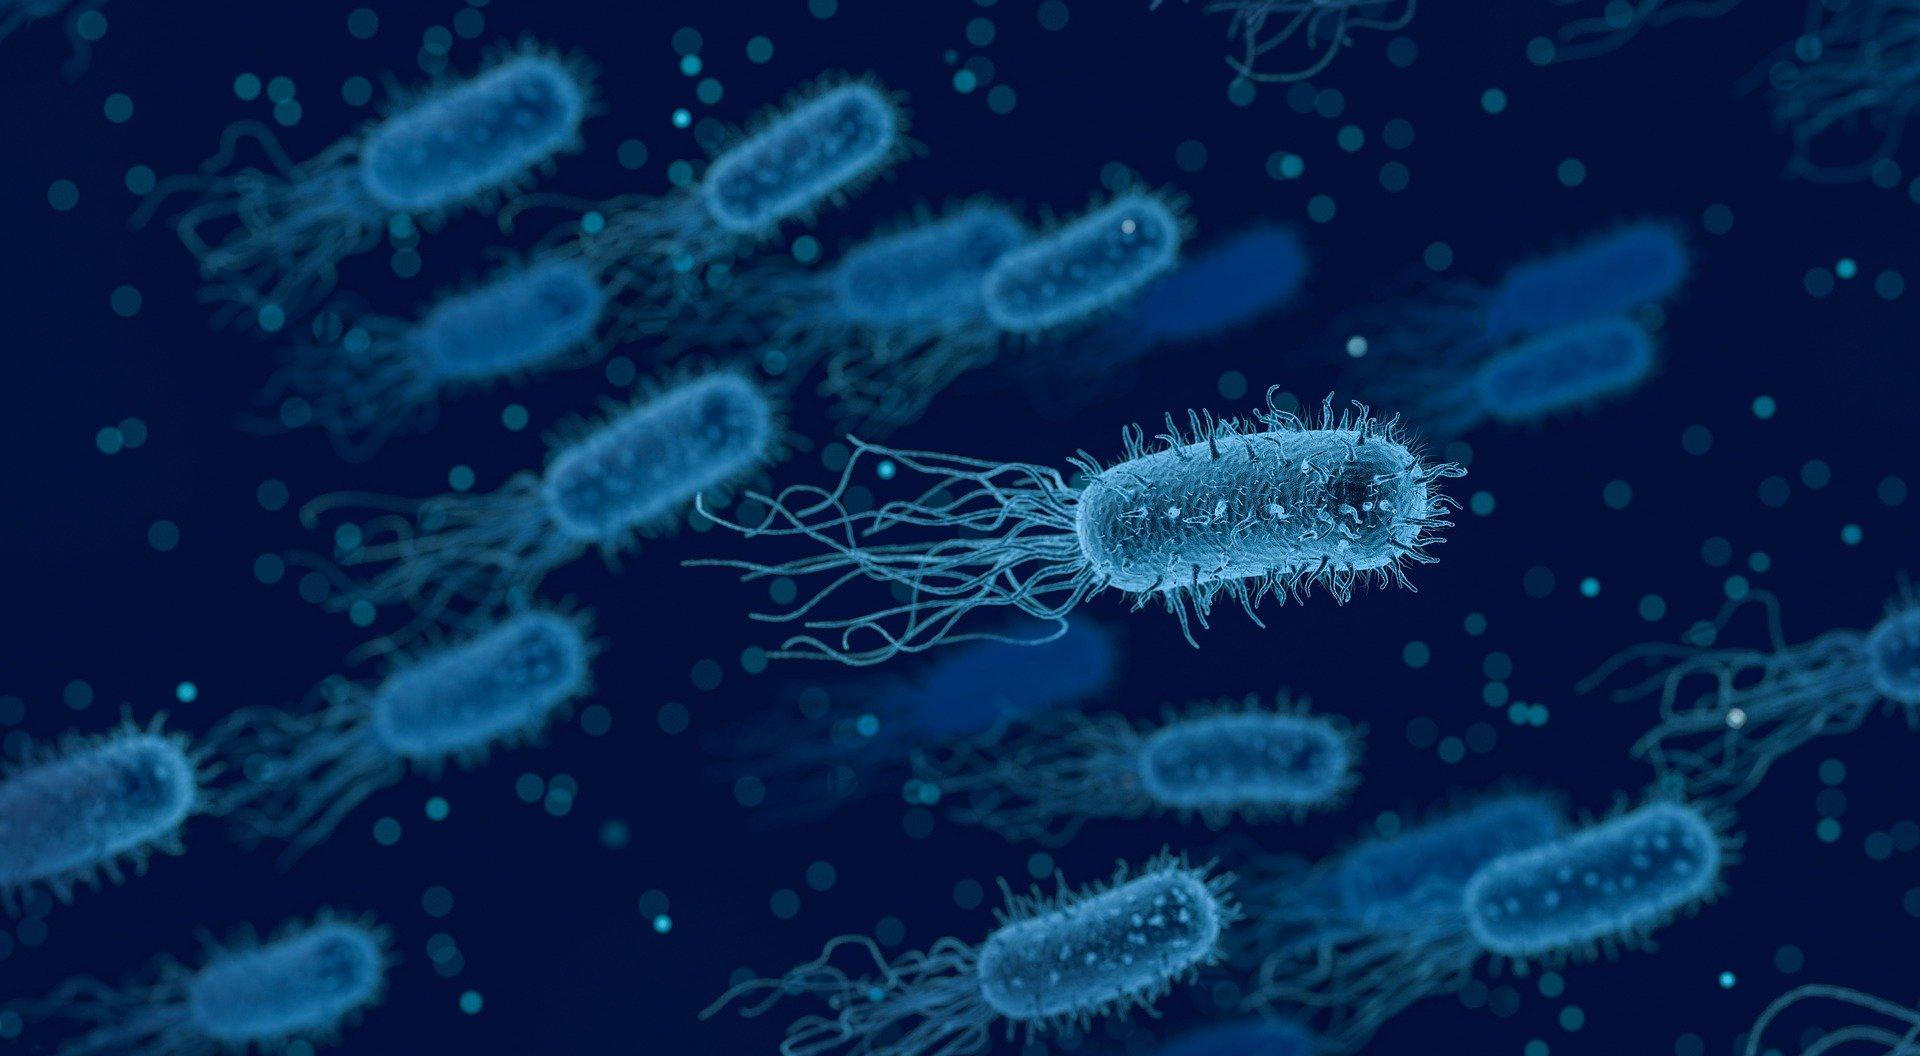 Descubierto un nuevo mecanismo de defensa celular frente a infecciones víricas y bacterianas